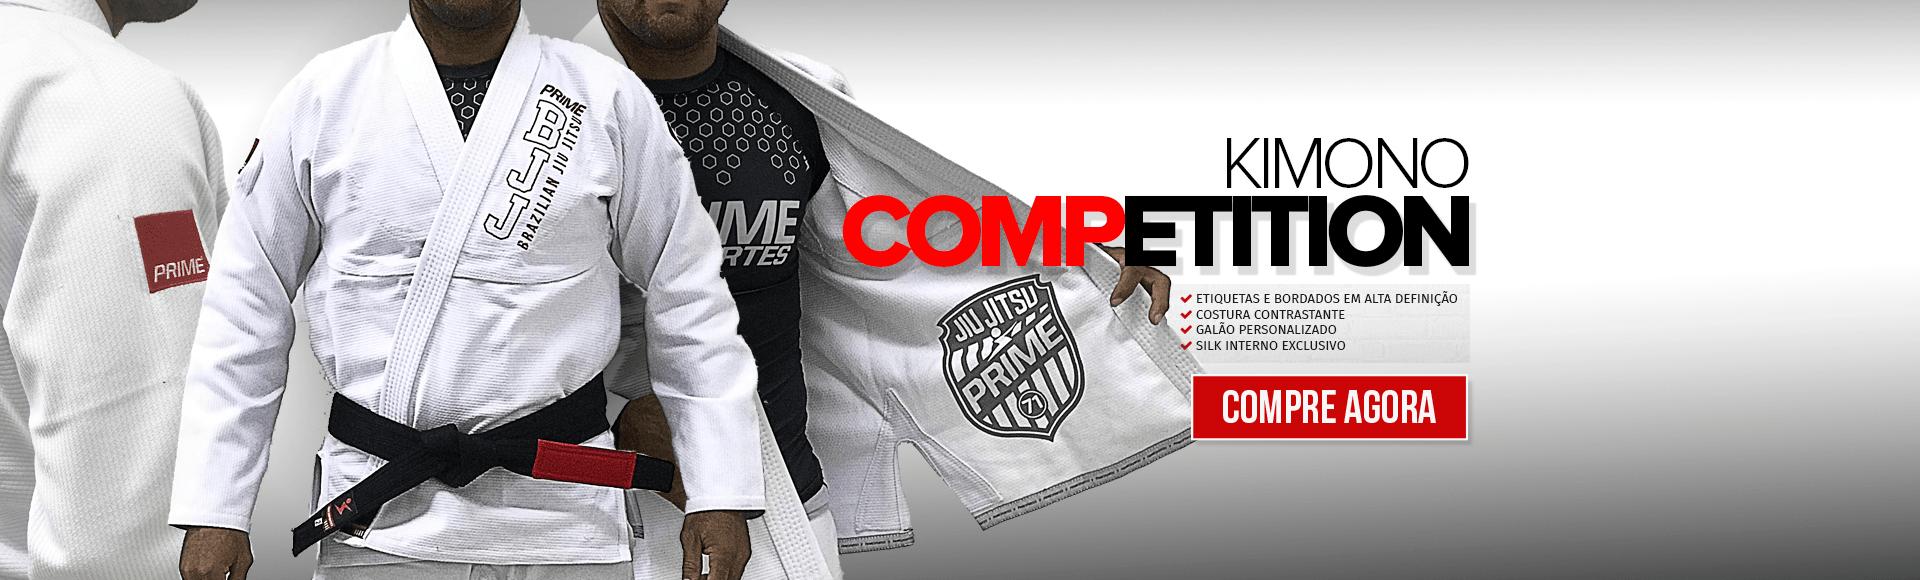 Kimono Competition